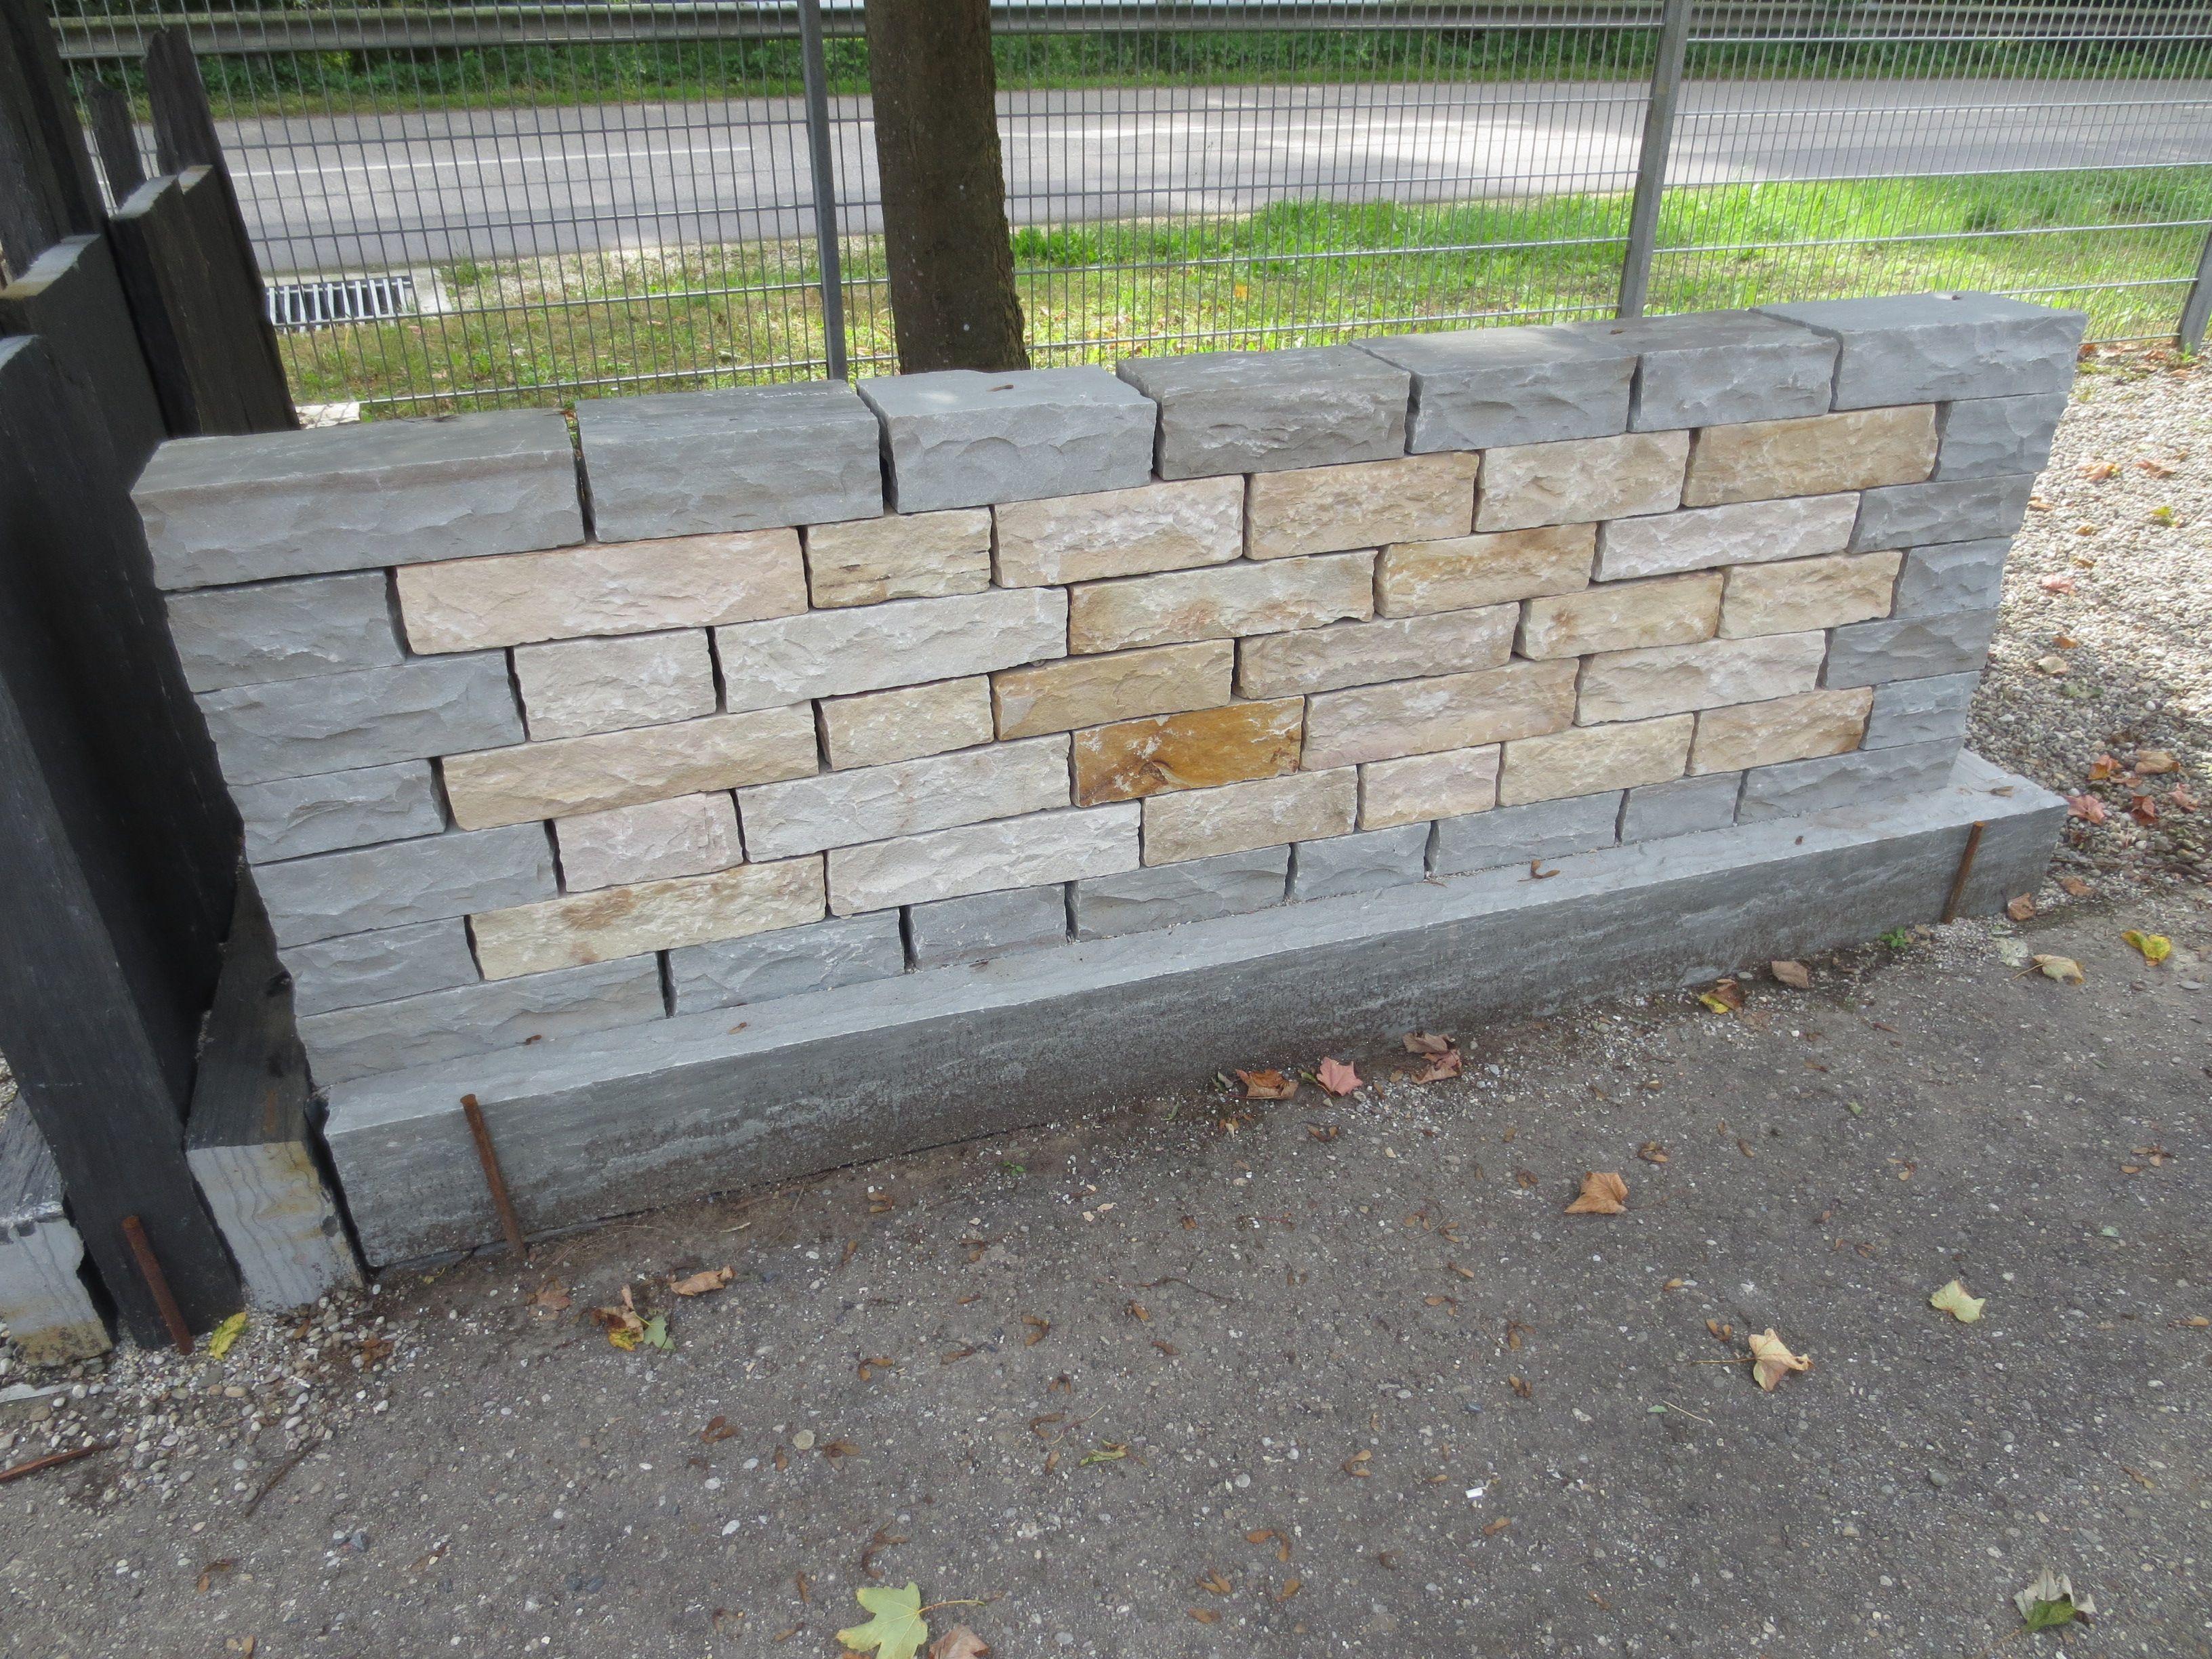 Ob Kleine Oder Grosse Mauern Konnen Vieles Sein Sichtschutz Verzierte Deko Hangverkleidung Trennung Von Bereichen Fur Hochb Natursteine Steine Mauerstein